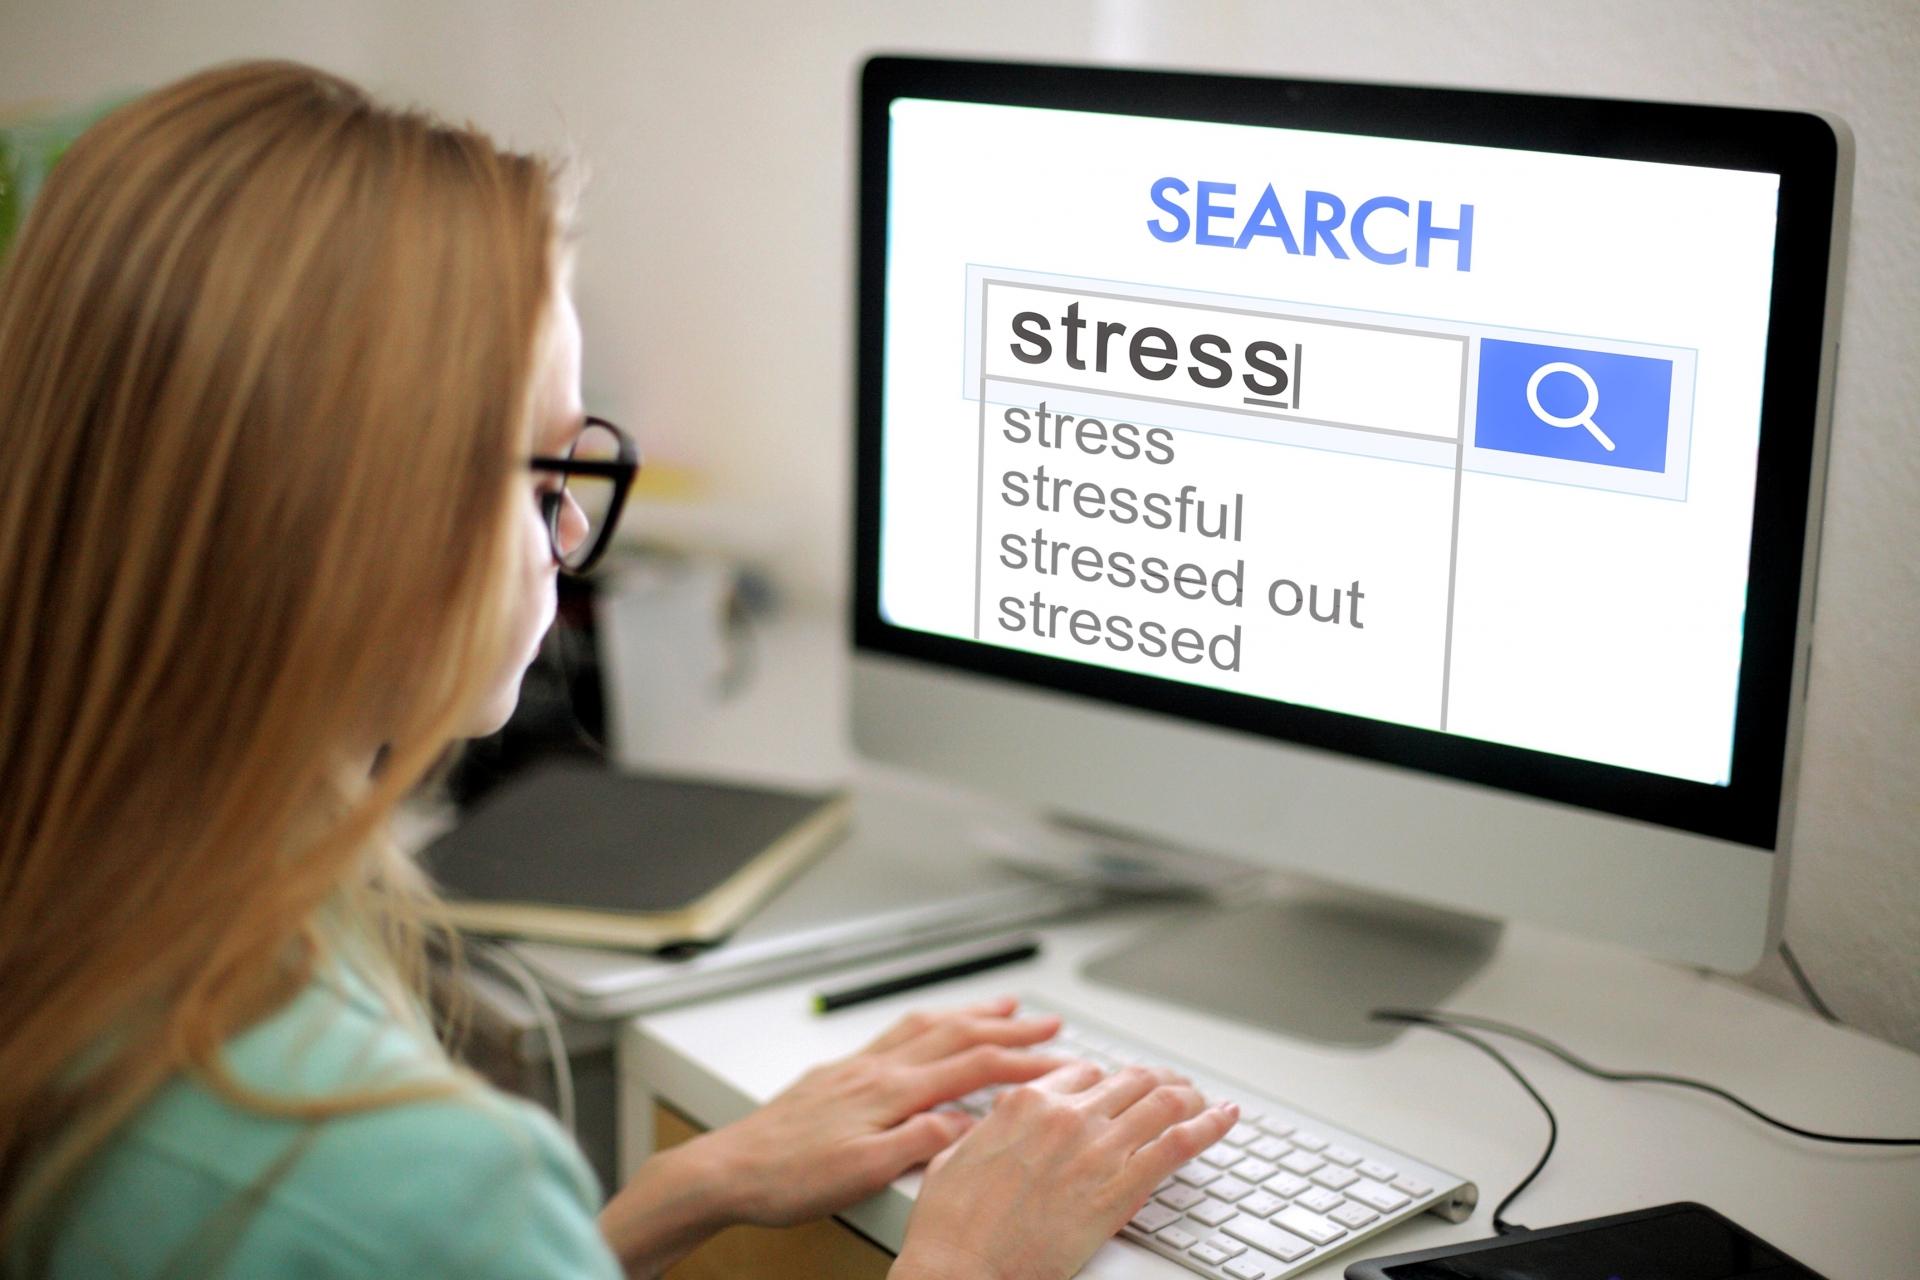 スカッとしたい時に実践してほしいタイプ別ストレス解消方法をご紹介!